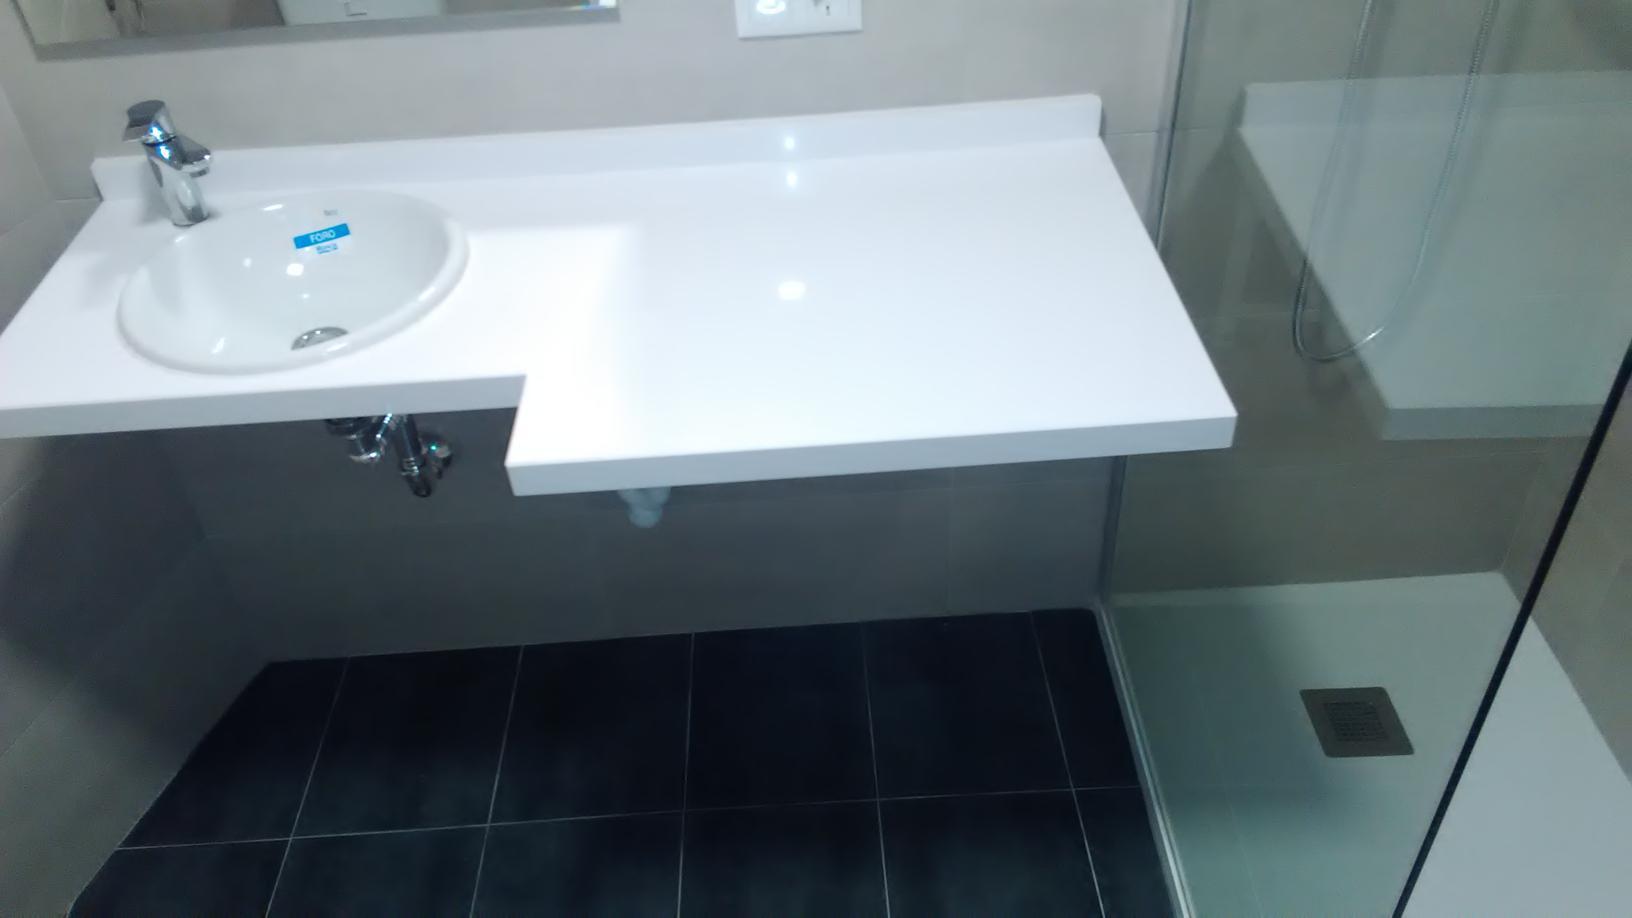 presupuesto de reforma de baños en torrevieja orihuela guardamar del segura pilar de la horadada benejuzar bigastro ciudad quesada san miguel de salinas